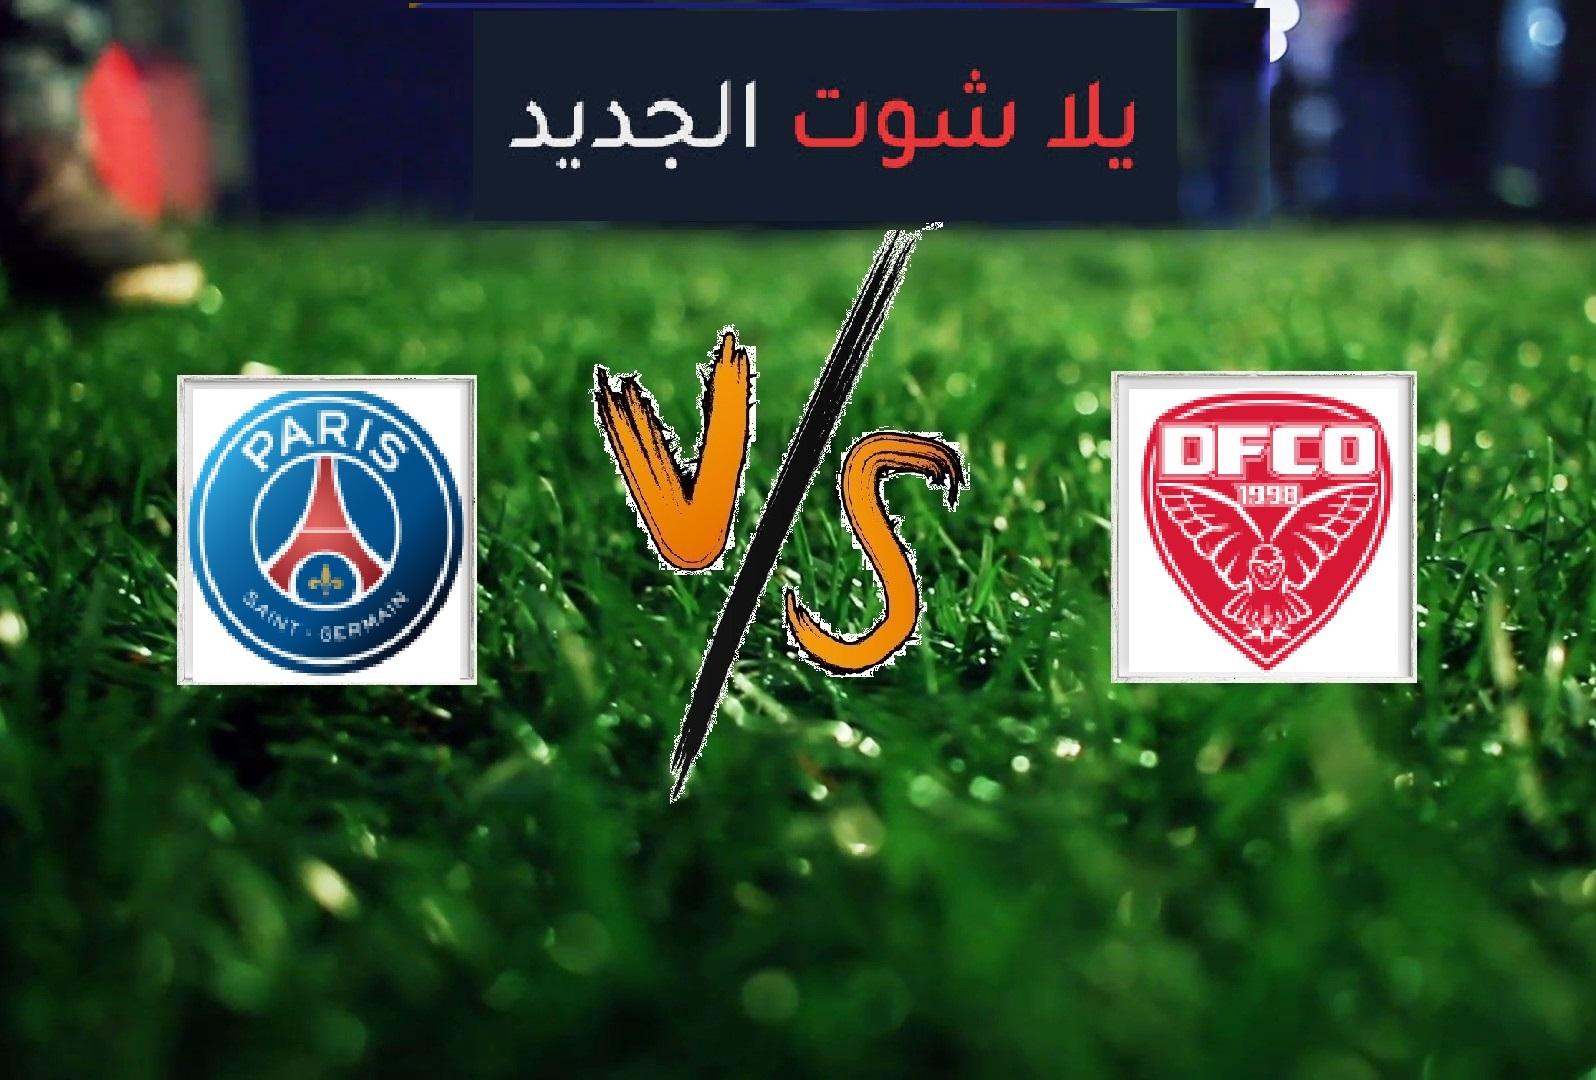 نتيجة مباراة باريس سان جيرمان وديجون بتاريخ 12-02-2020 كأس فرنسا